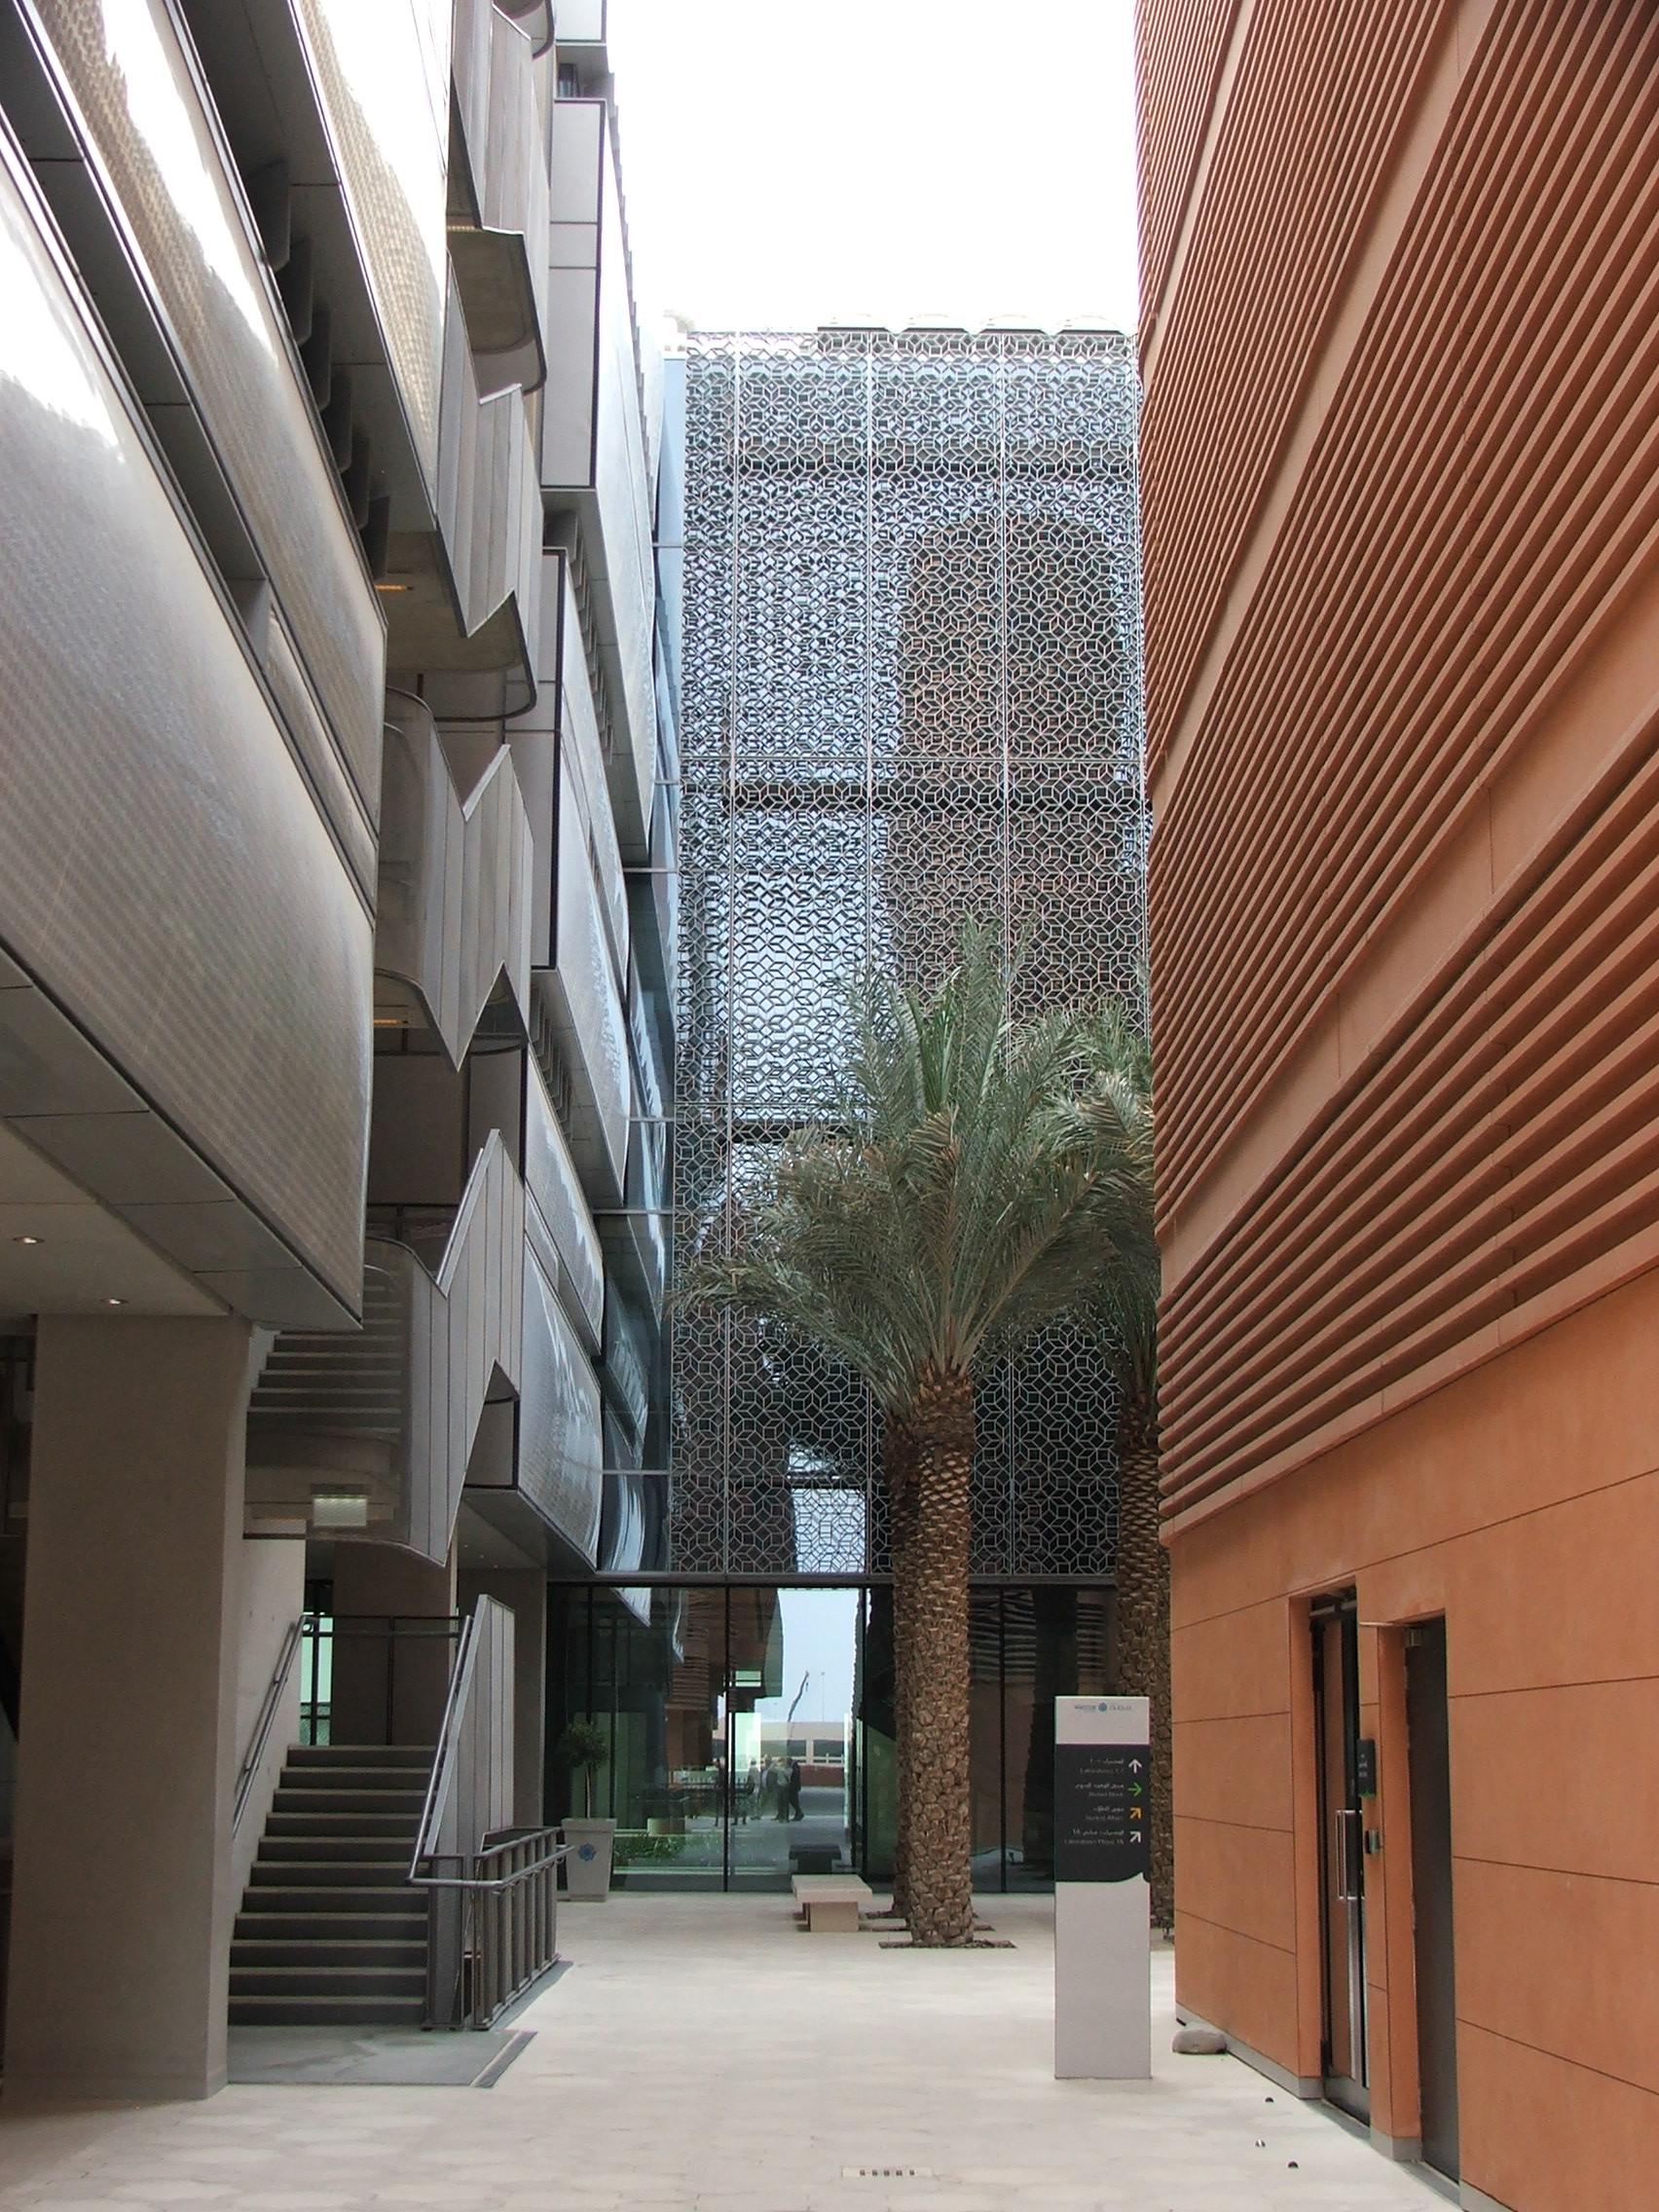 Gallery Of Inside Masdar City 2